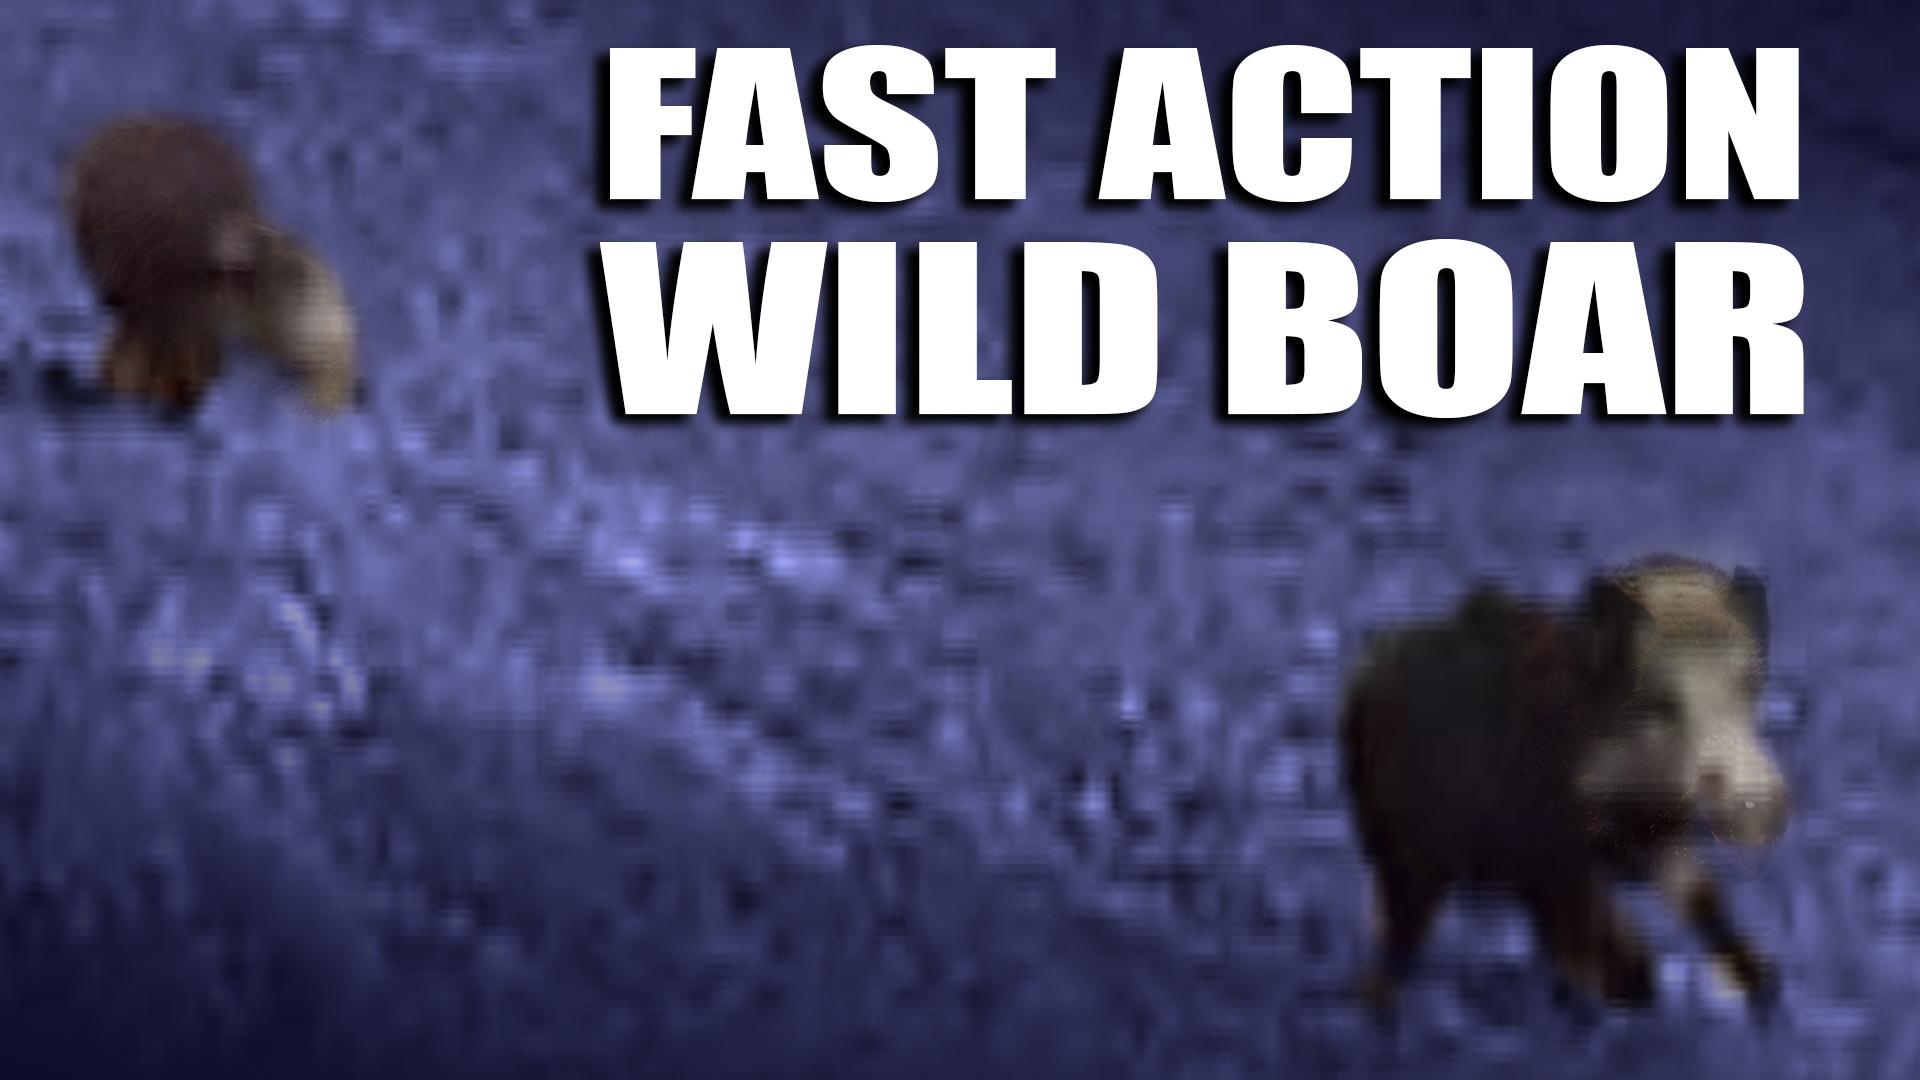 e368-fast-action-wild-boar